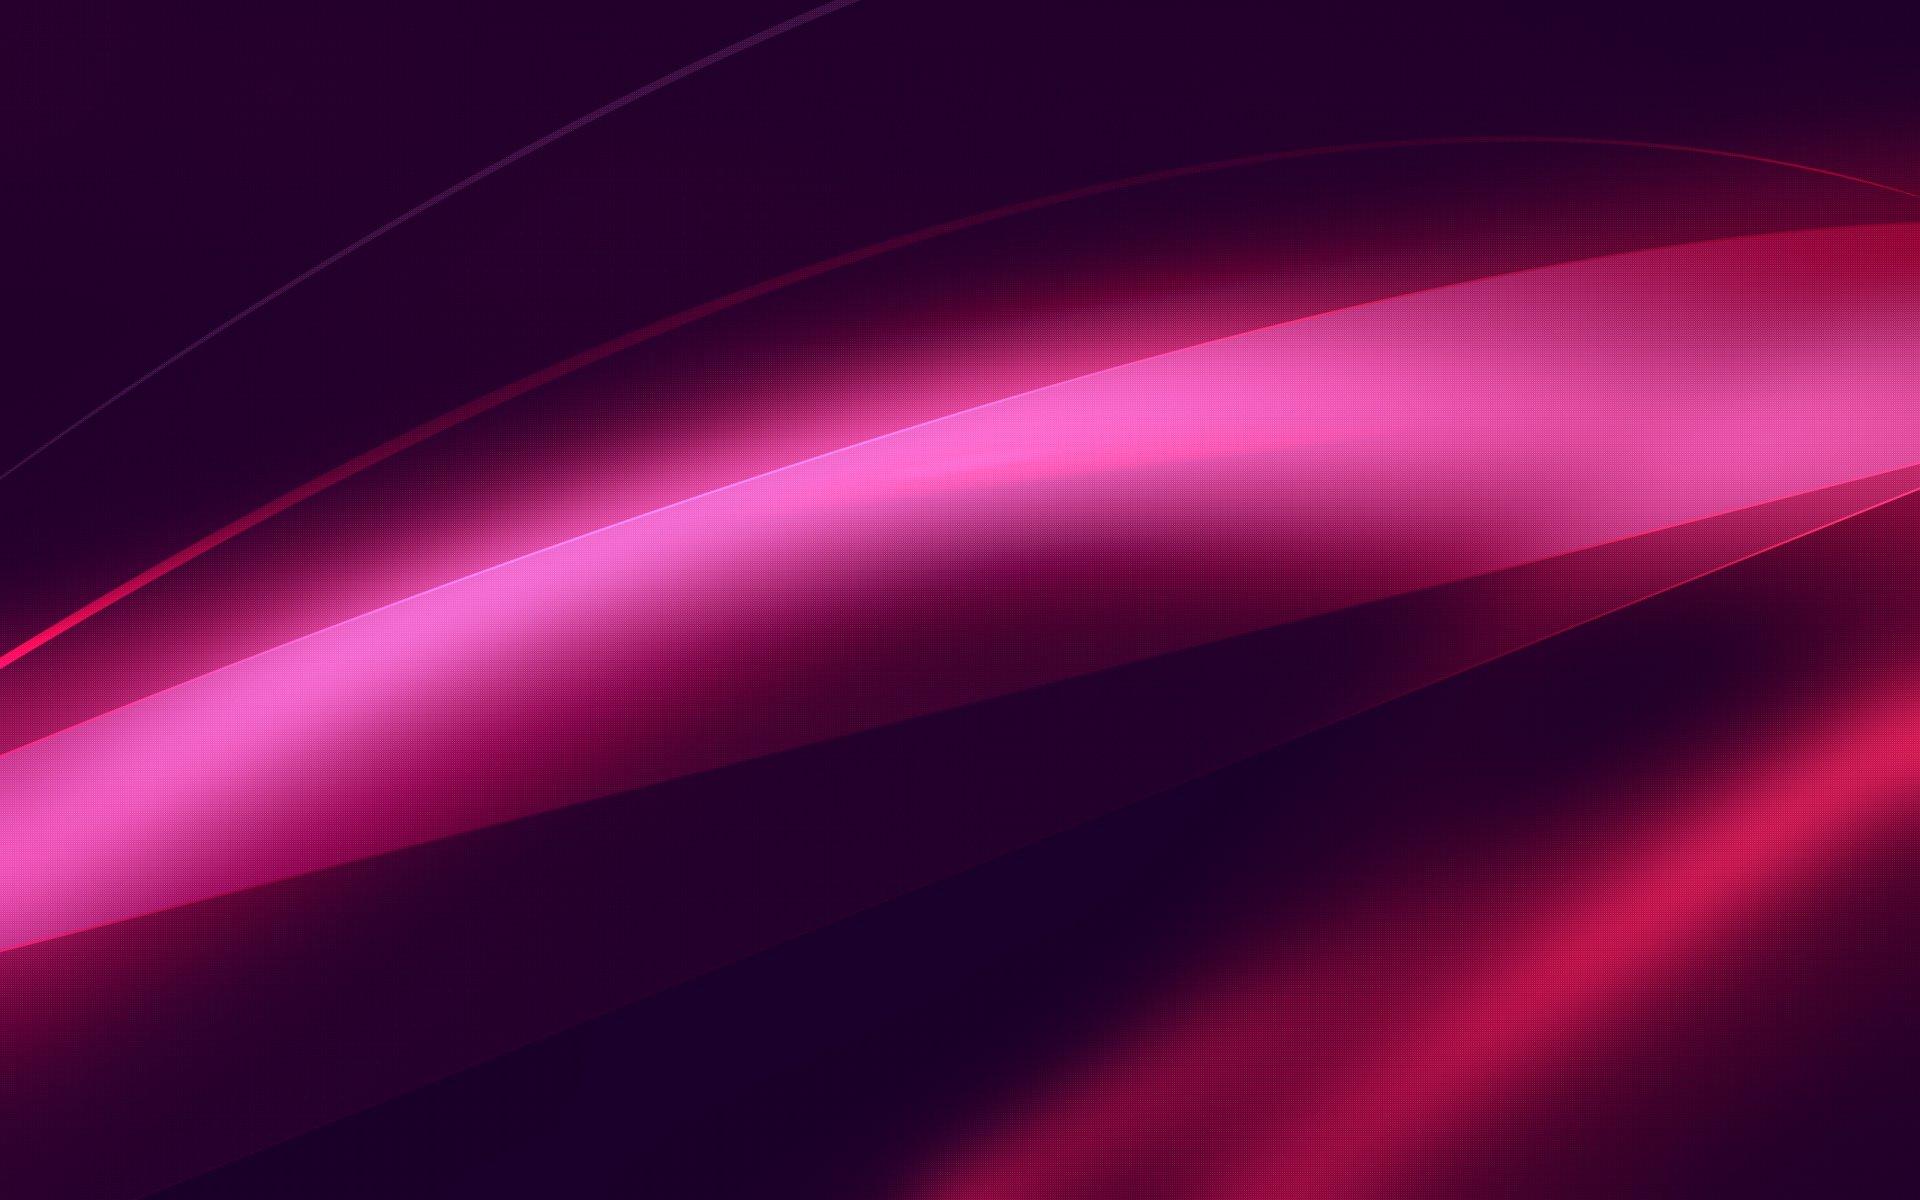 Ютуб на розовом фоне картинки